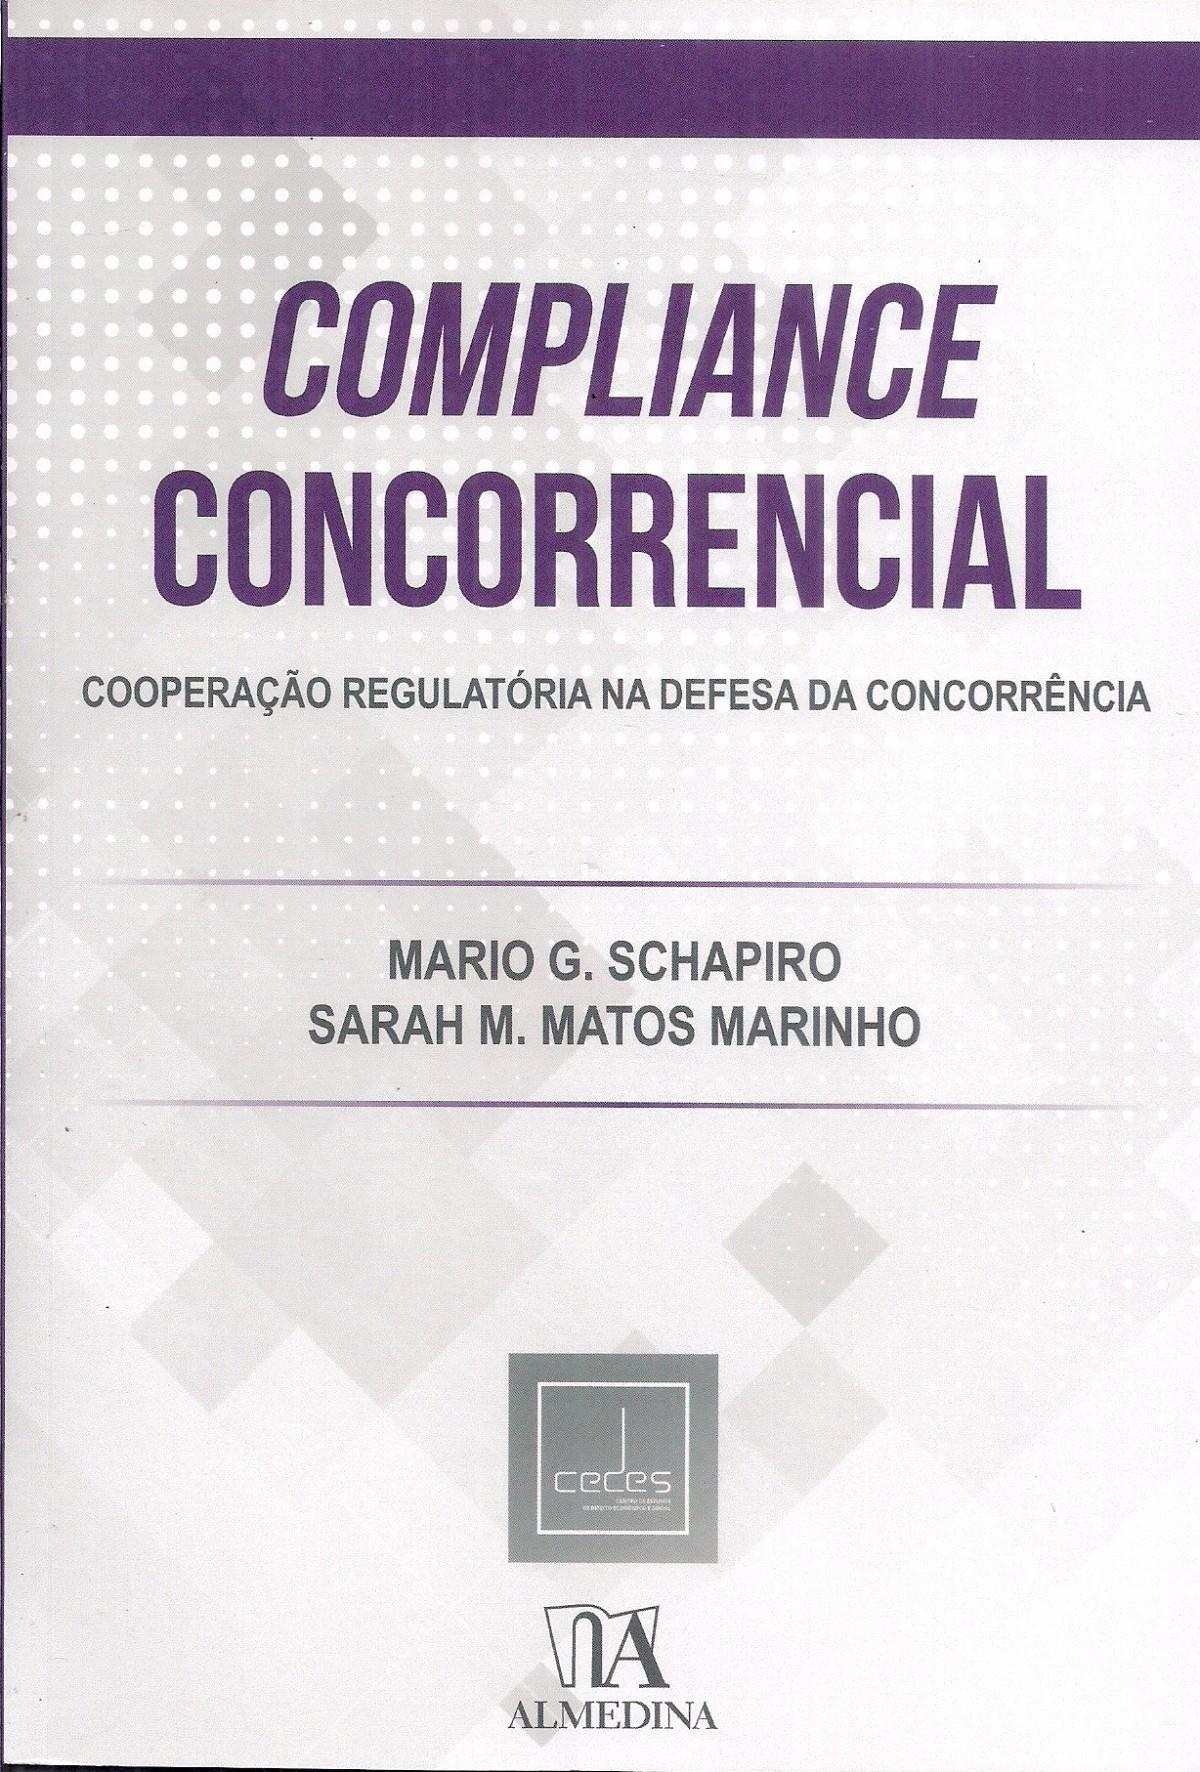 Foto 1 - Compliance Concorrencial - Cooperação Regulatória na Defesa da Concorrência